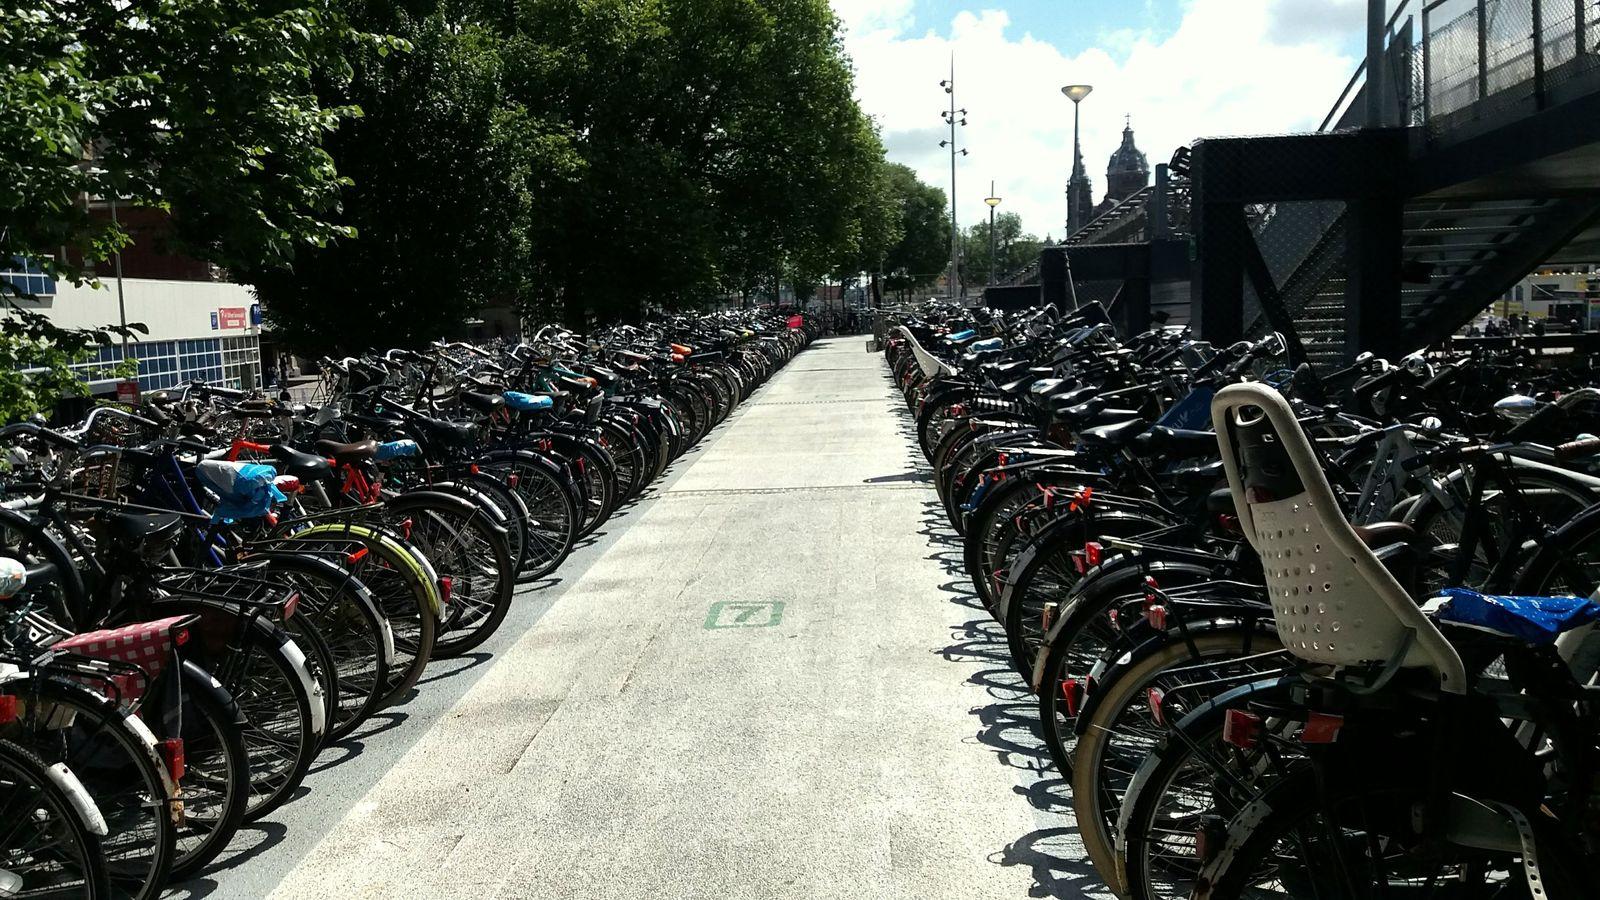 Una din parcările de biciclete de lângă gara centrală, cu o capacitate de 2.500 de locuri